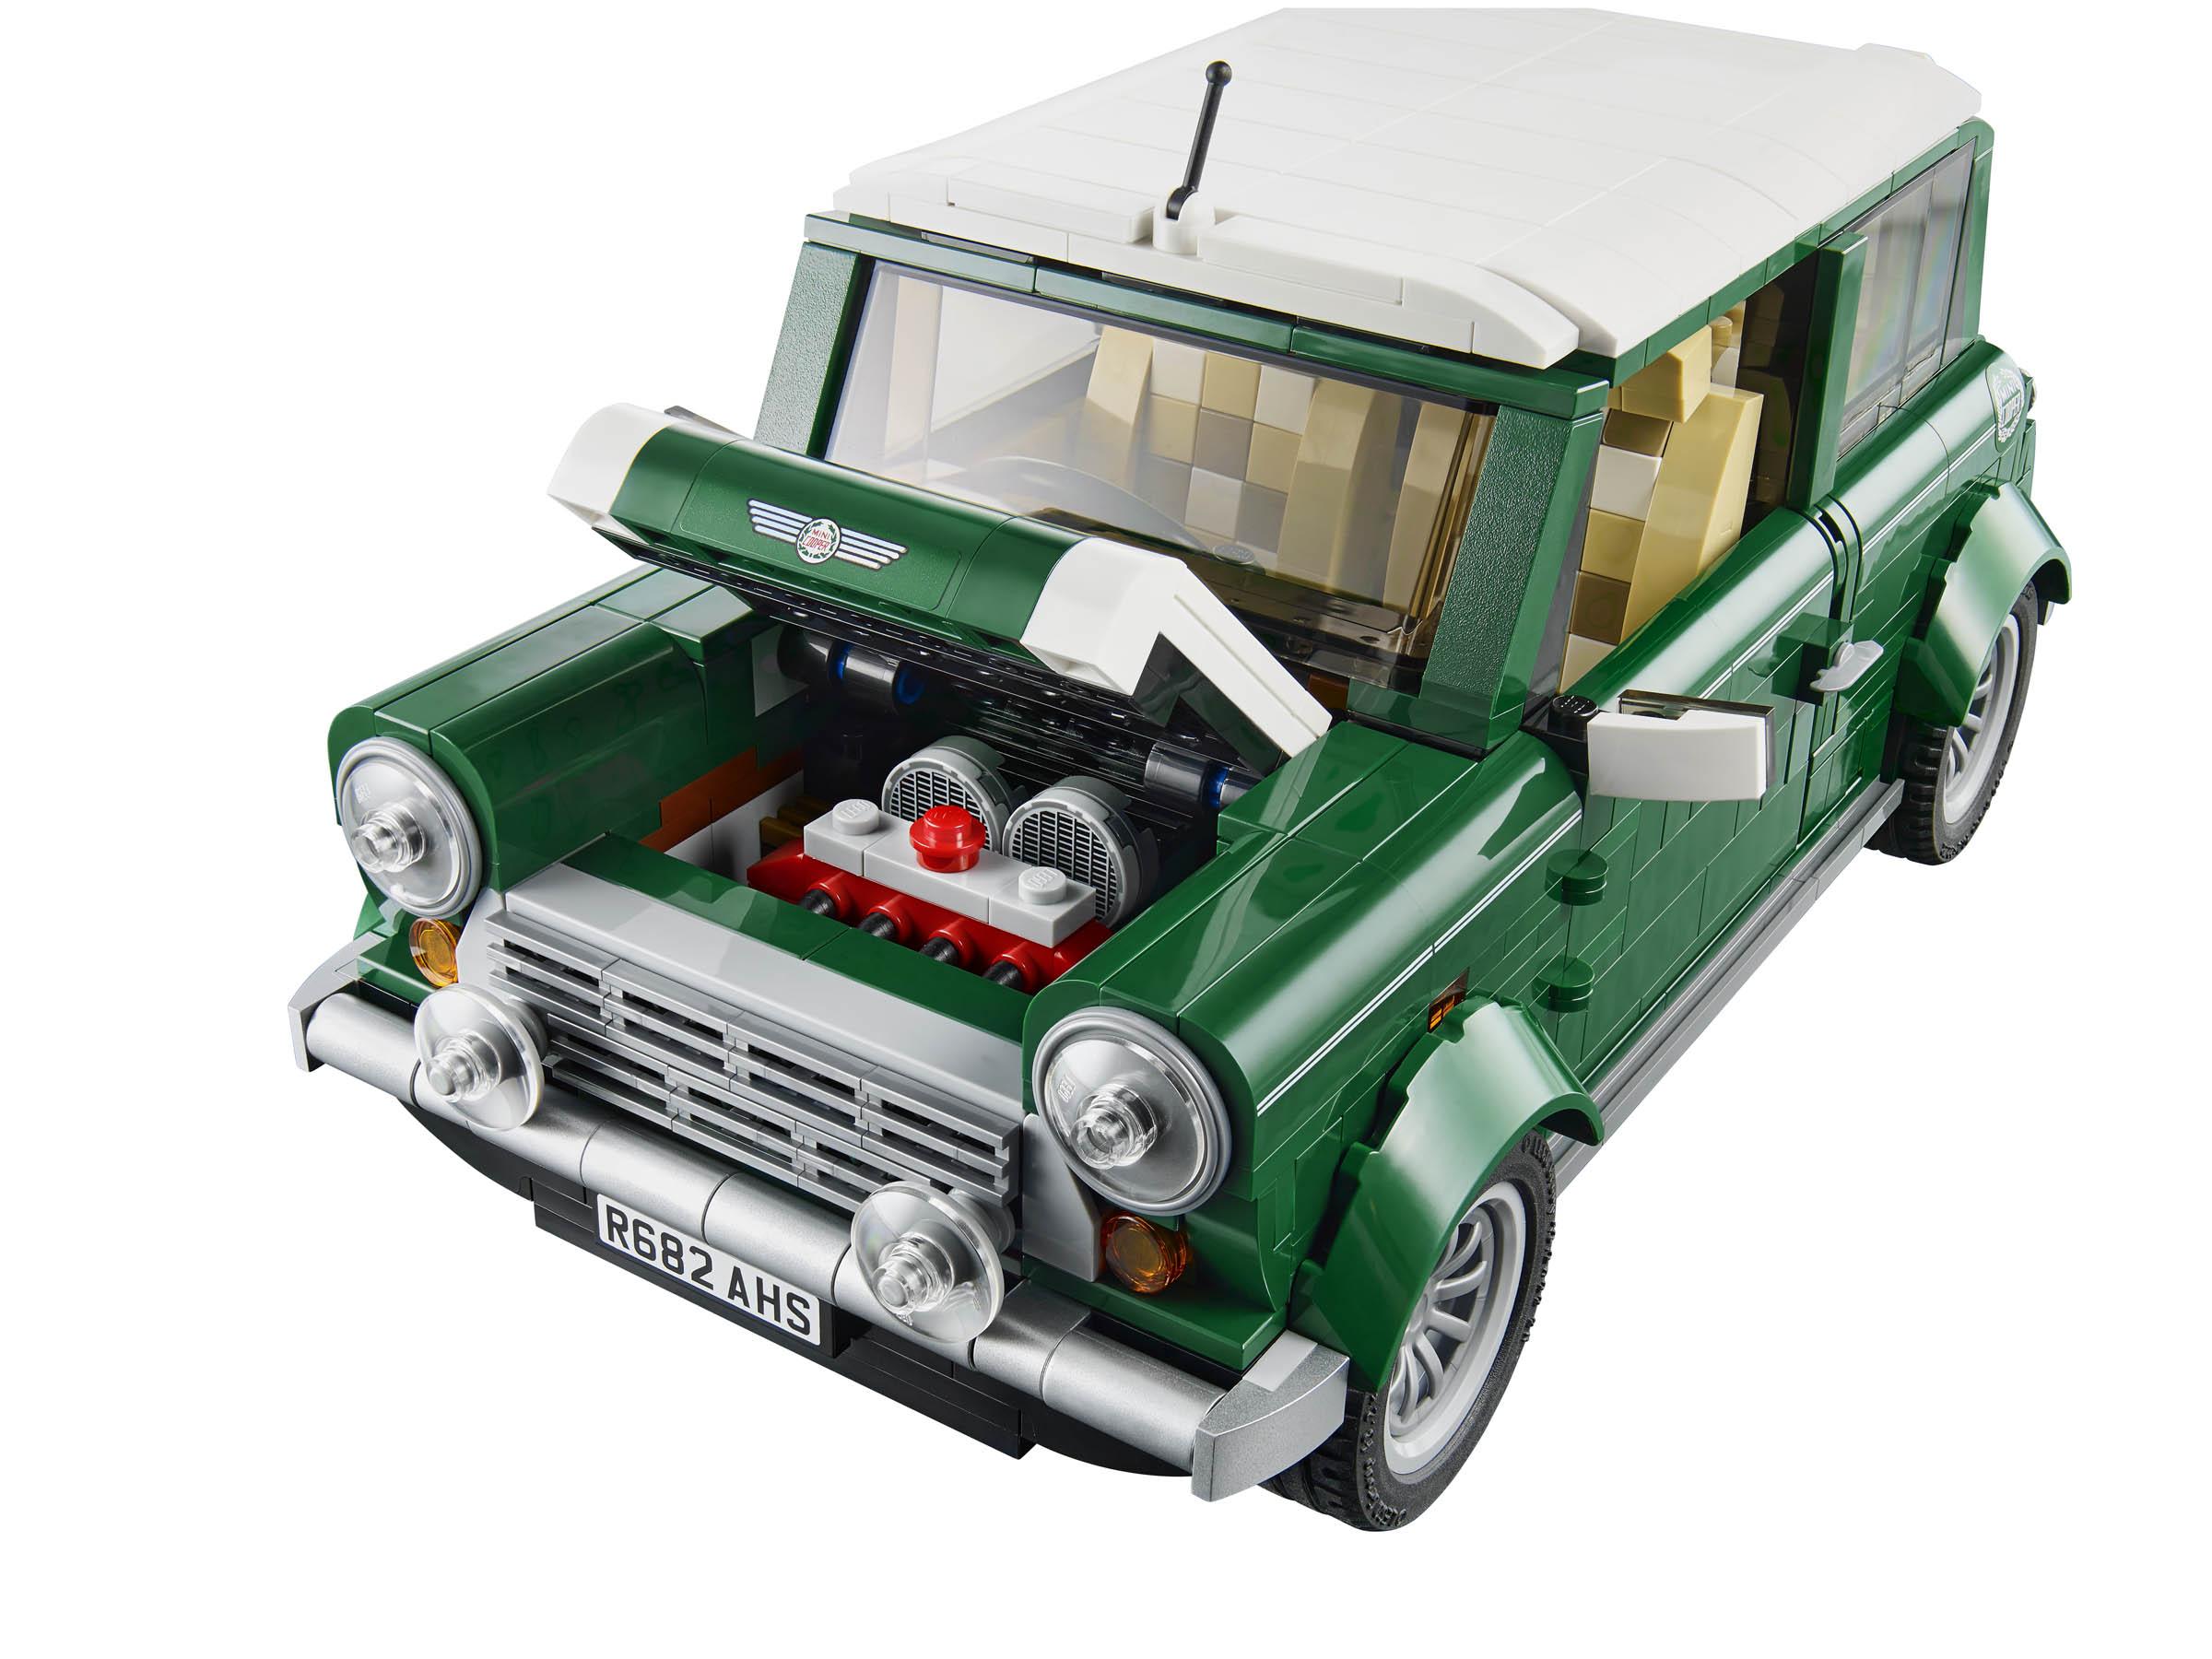 LEGO mini cooper 04